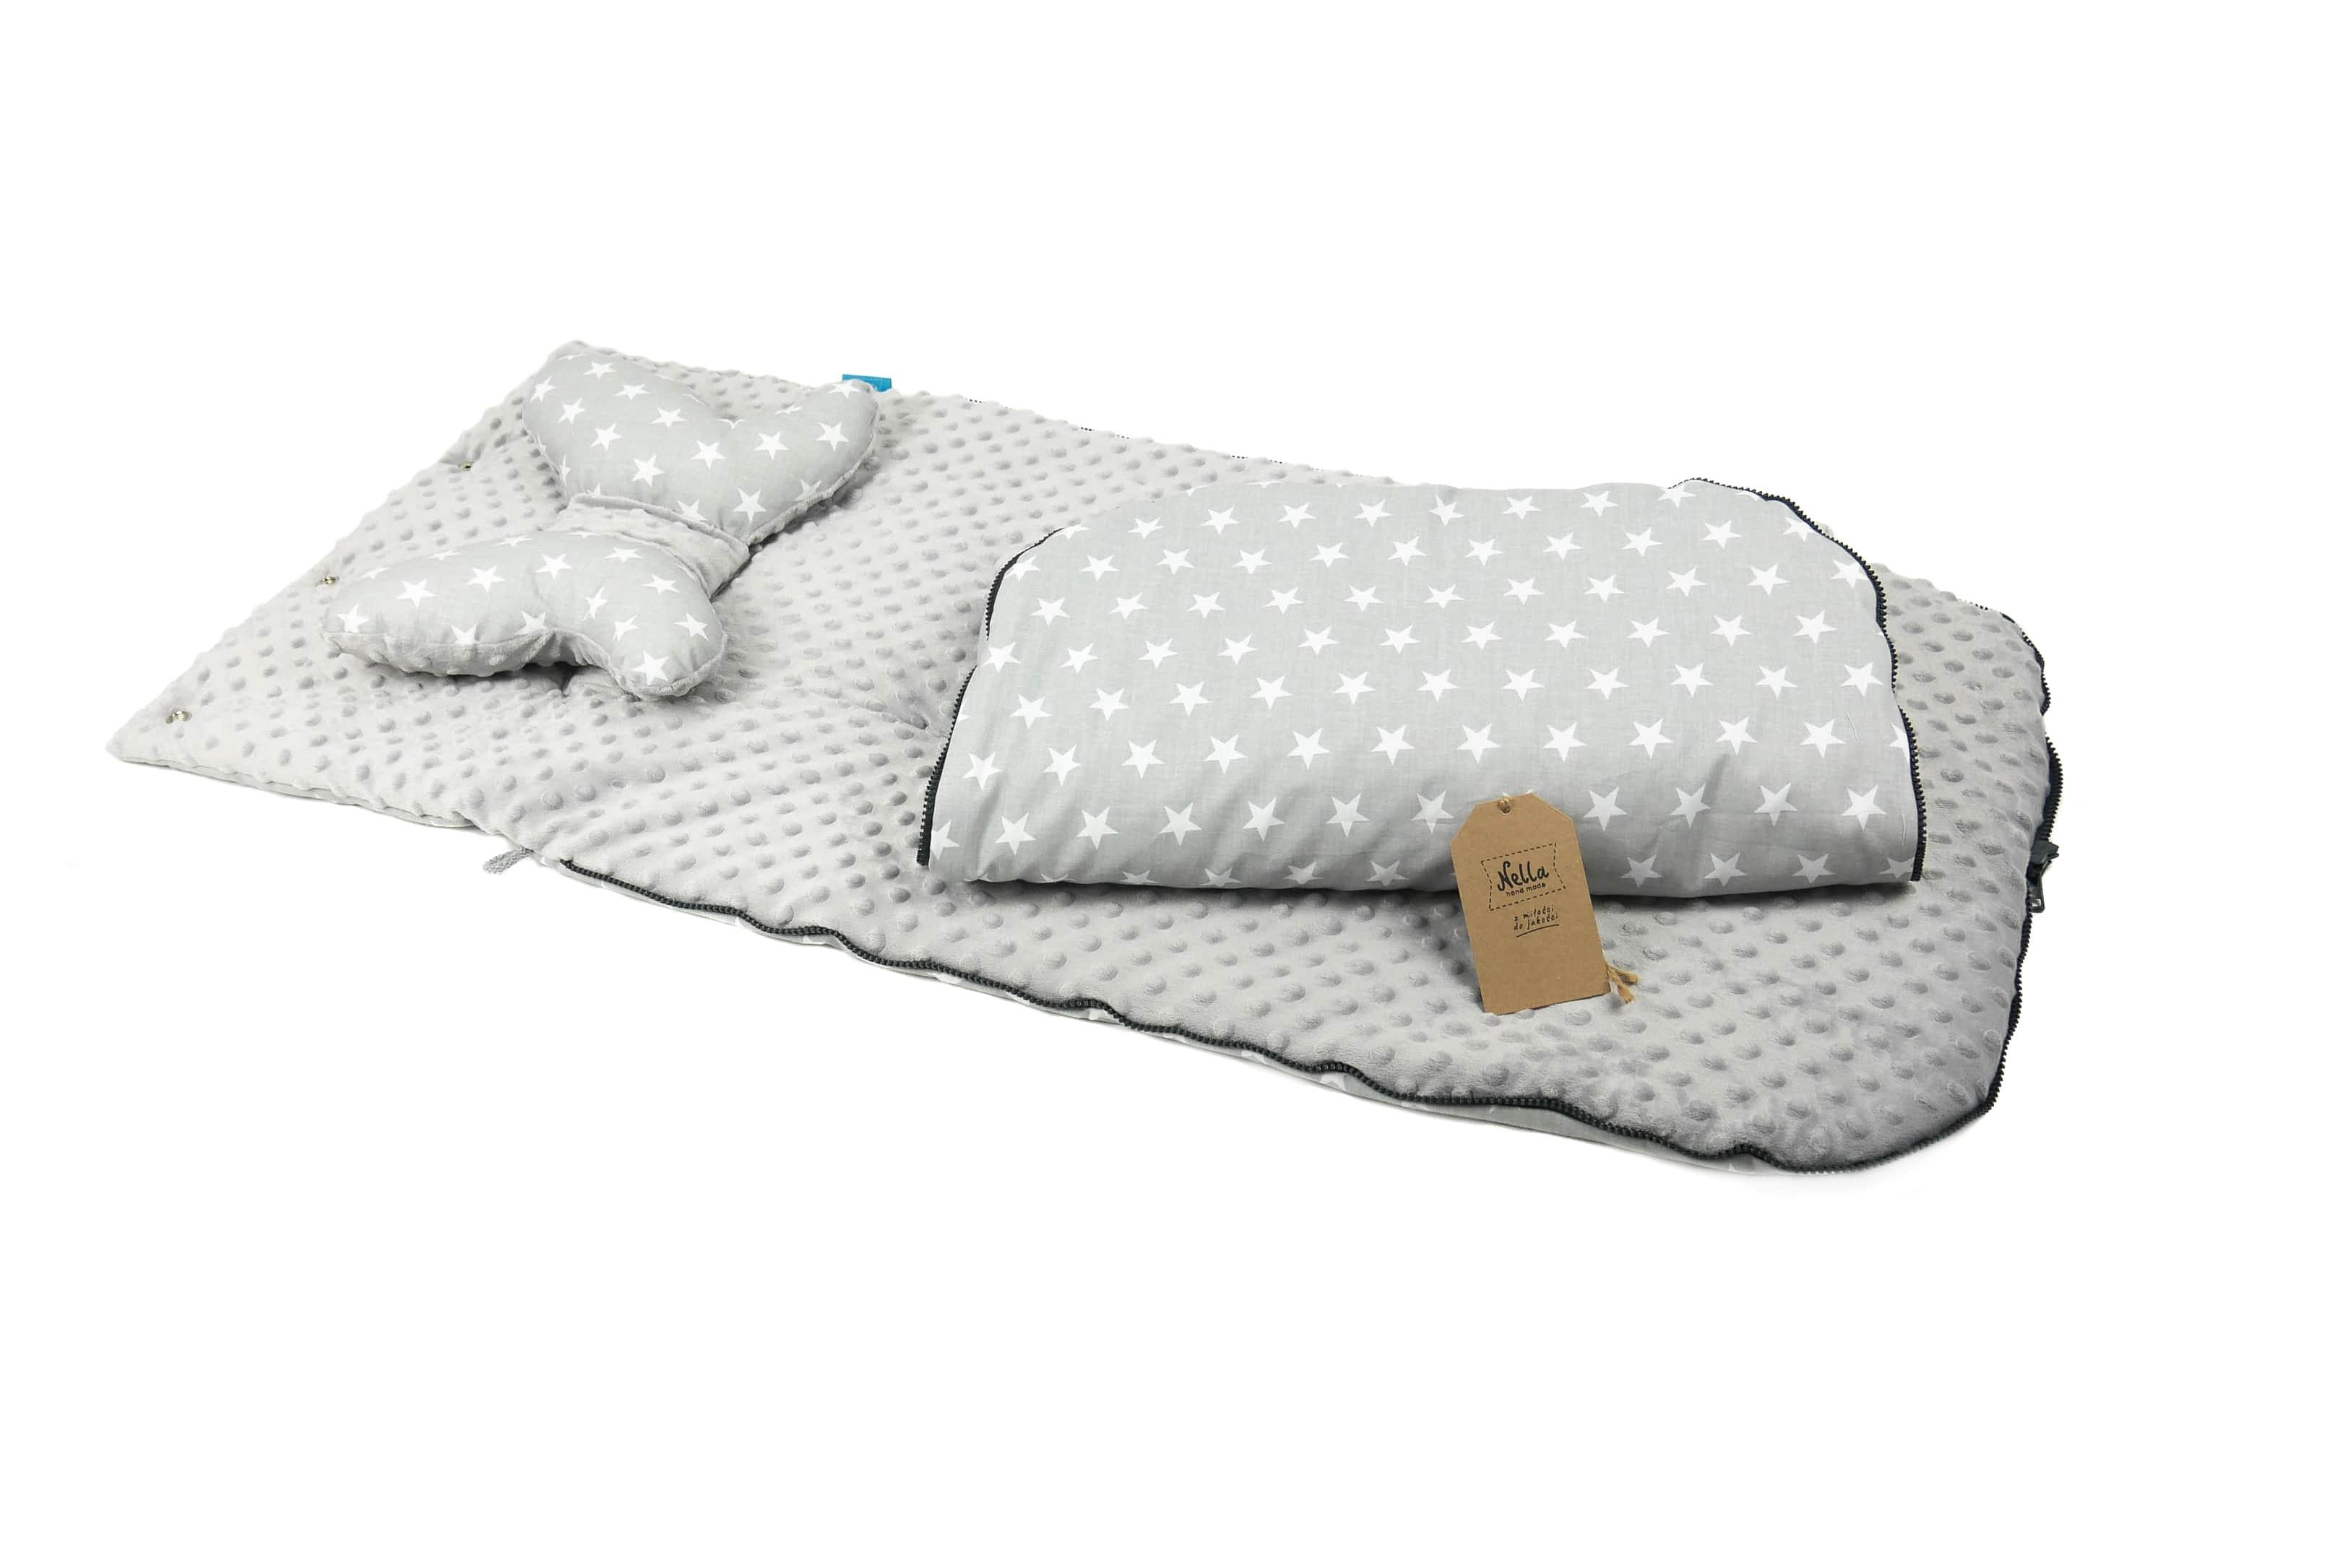 sac de couchage de b b pour l hive le coin de lara poussettes combin es design et r tro. Black Bedroom Furniture Sets. Home Design Ideas